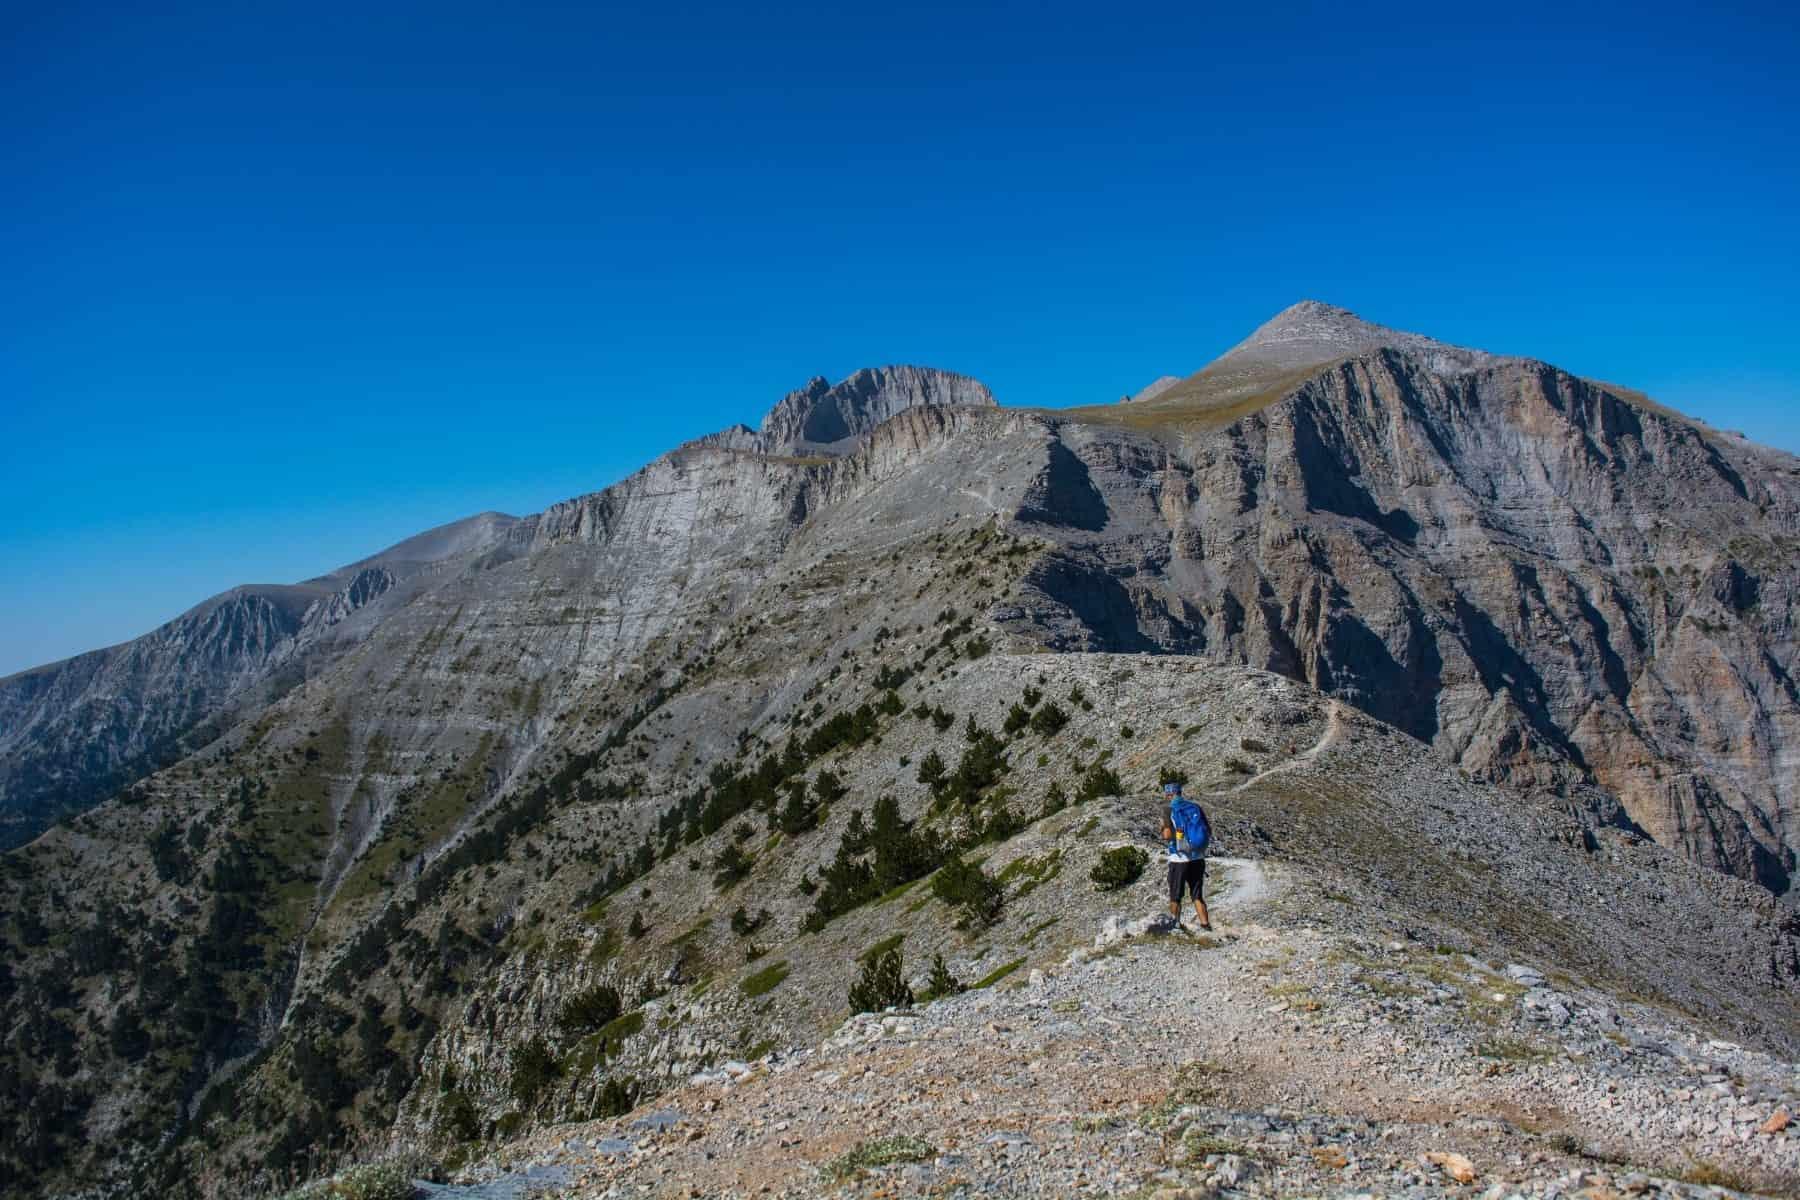 nature lovers activities - mount olympus - seat of zeus - rocks and hiker